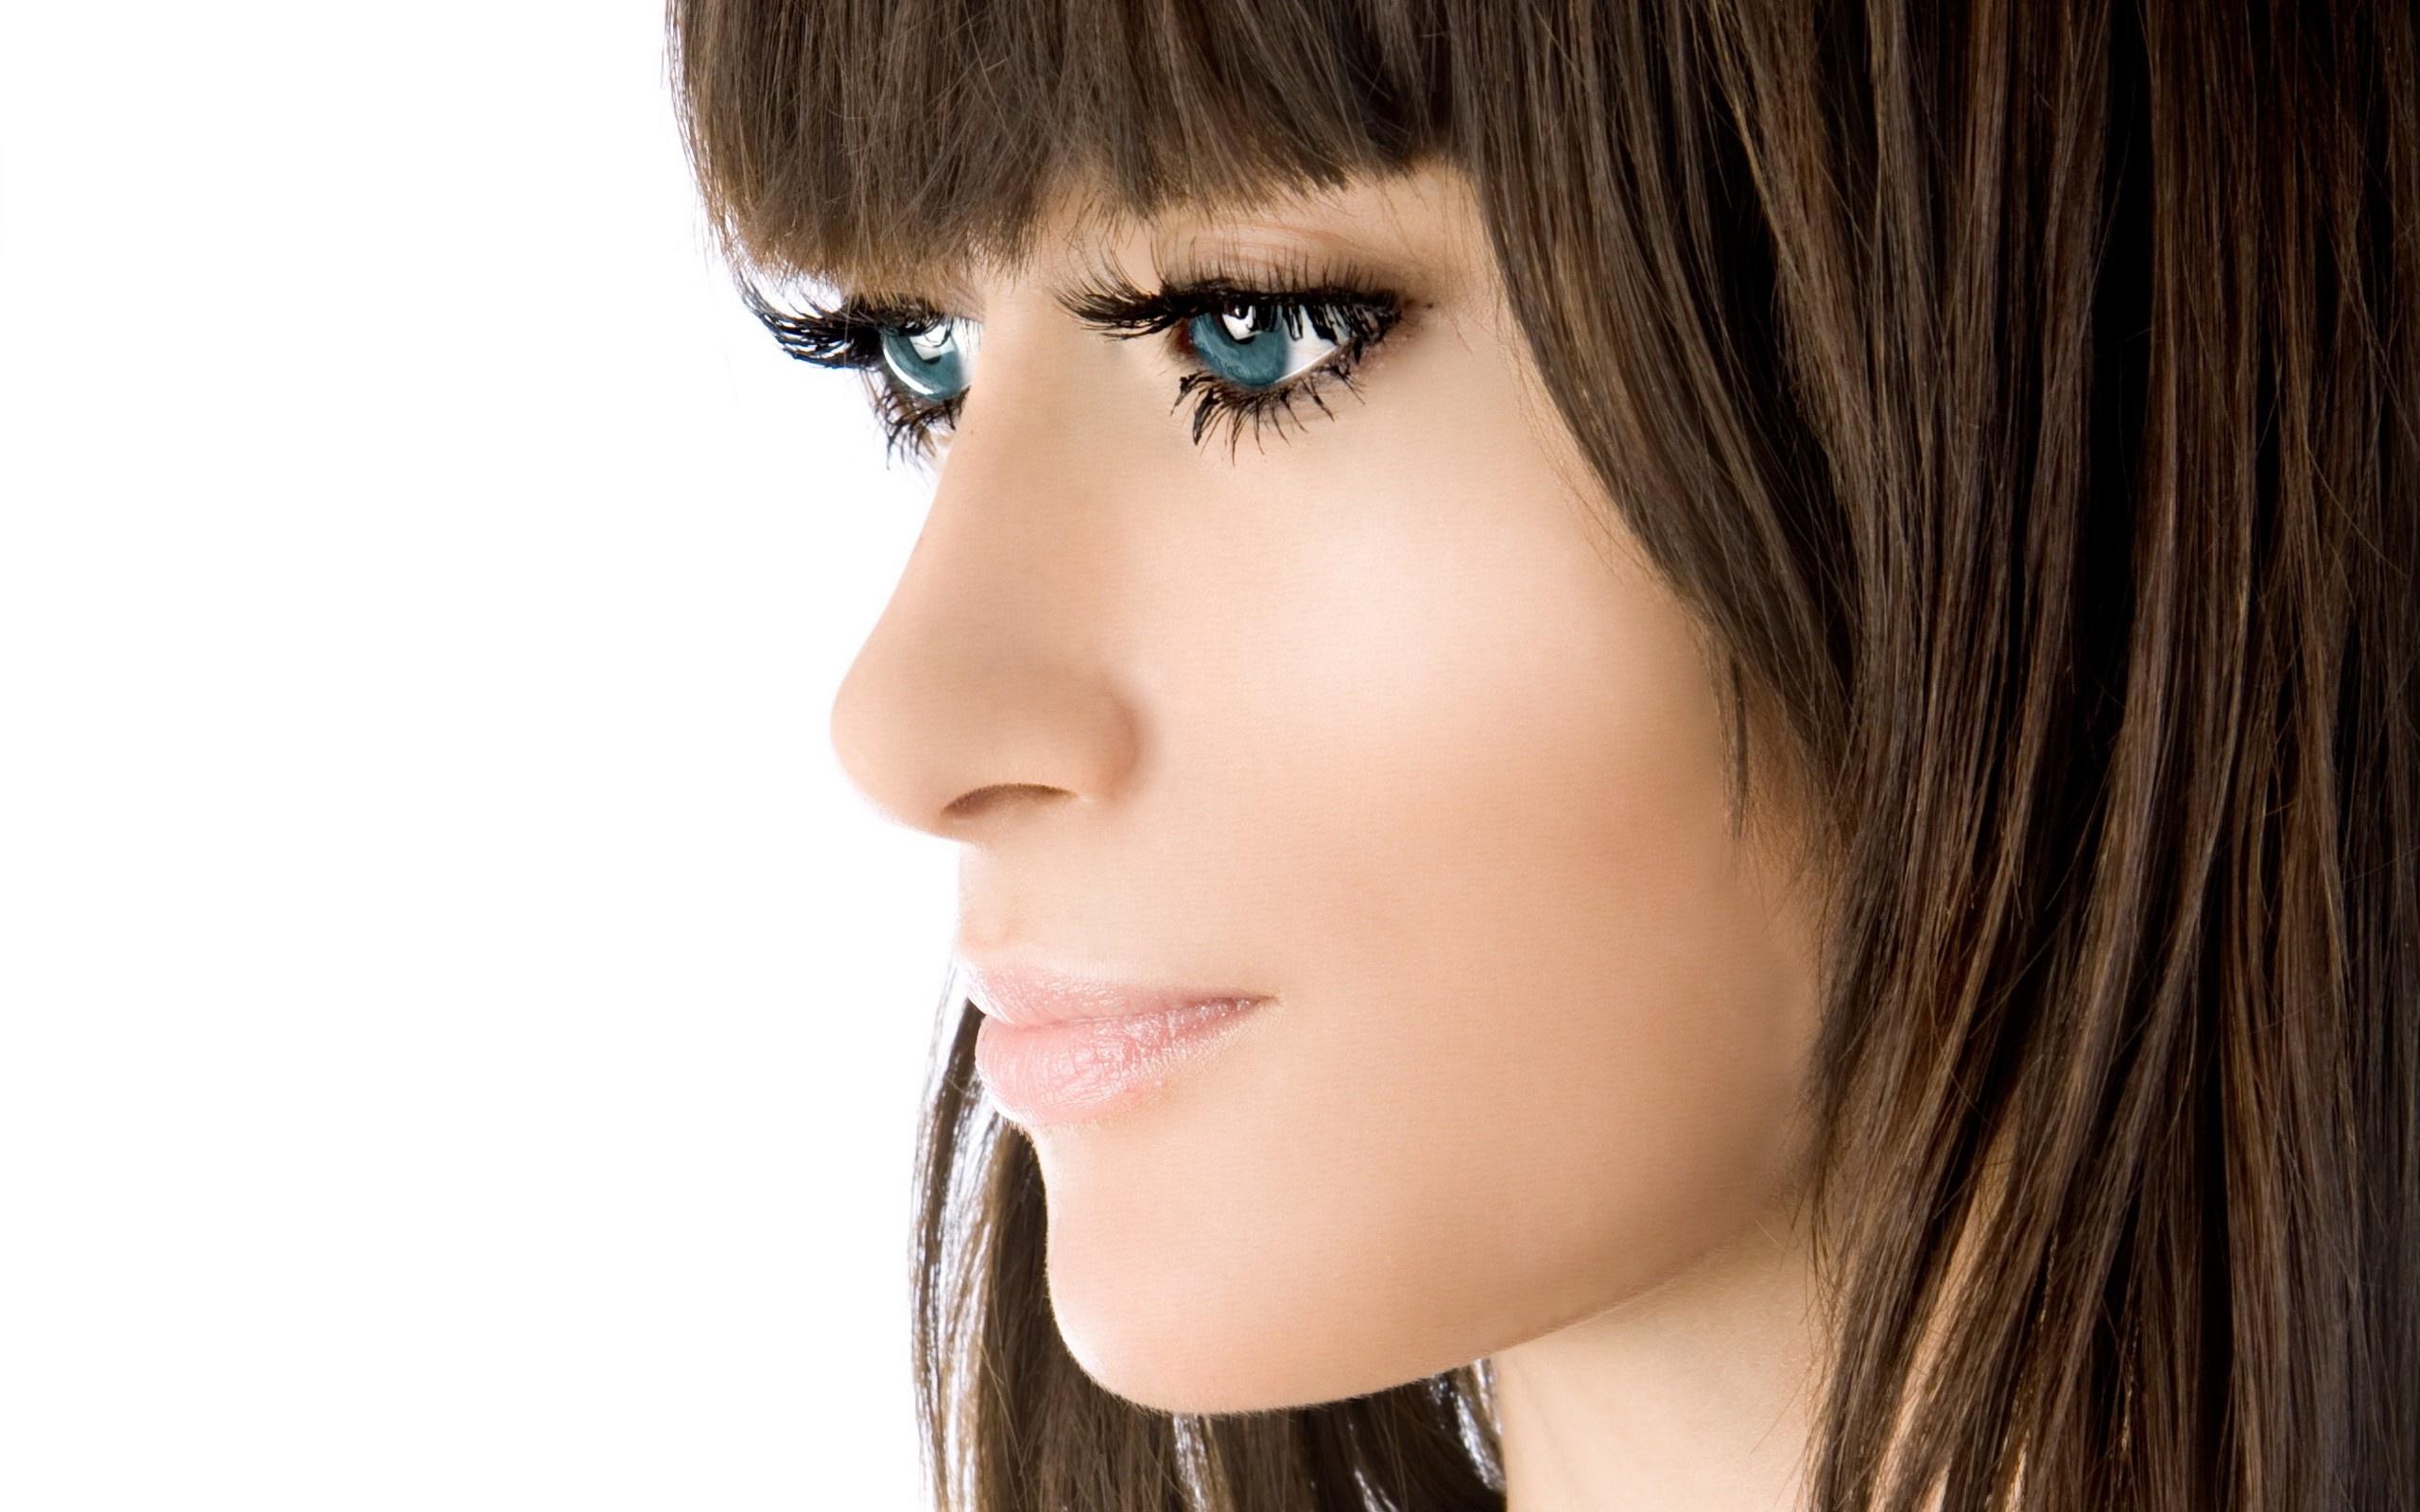 beautiful face 36289